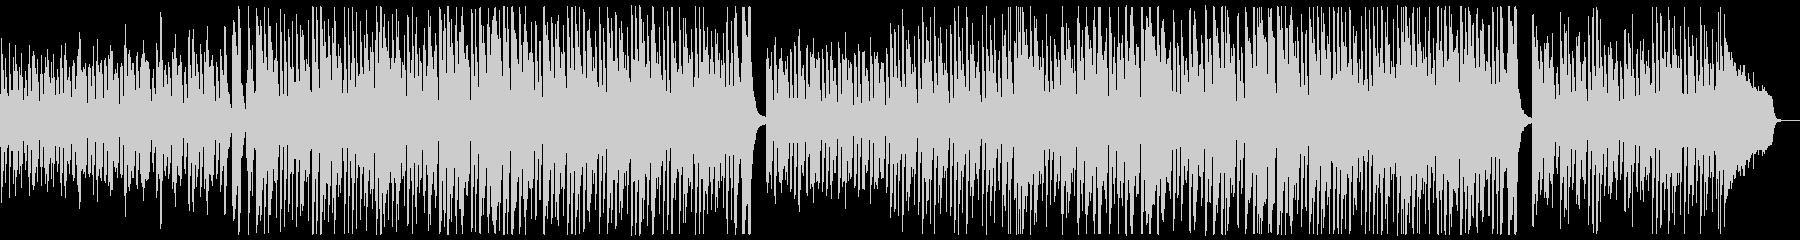 ポップピアノレクリエーション:フル1回の未再生の波形